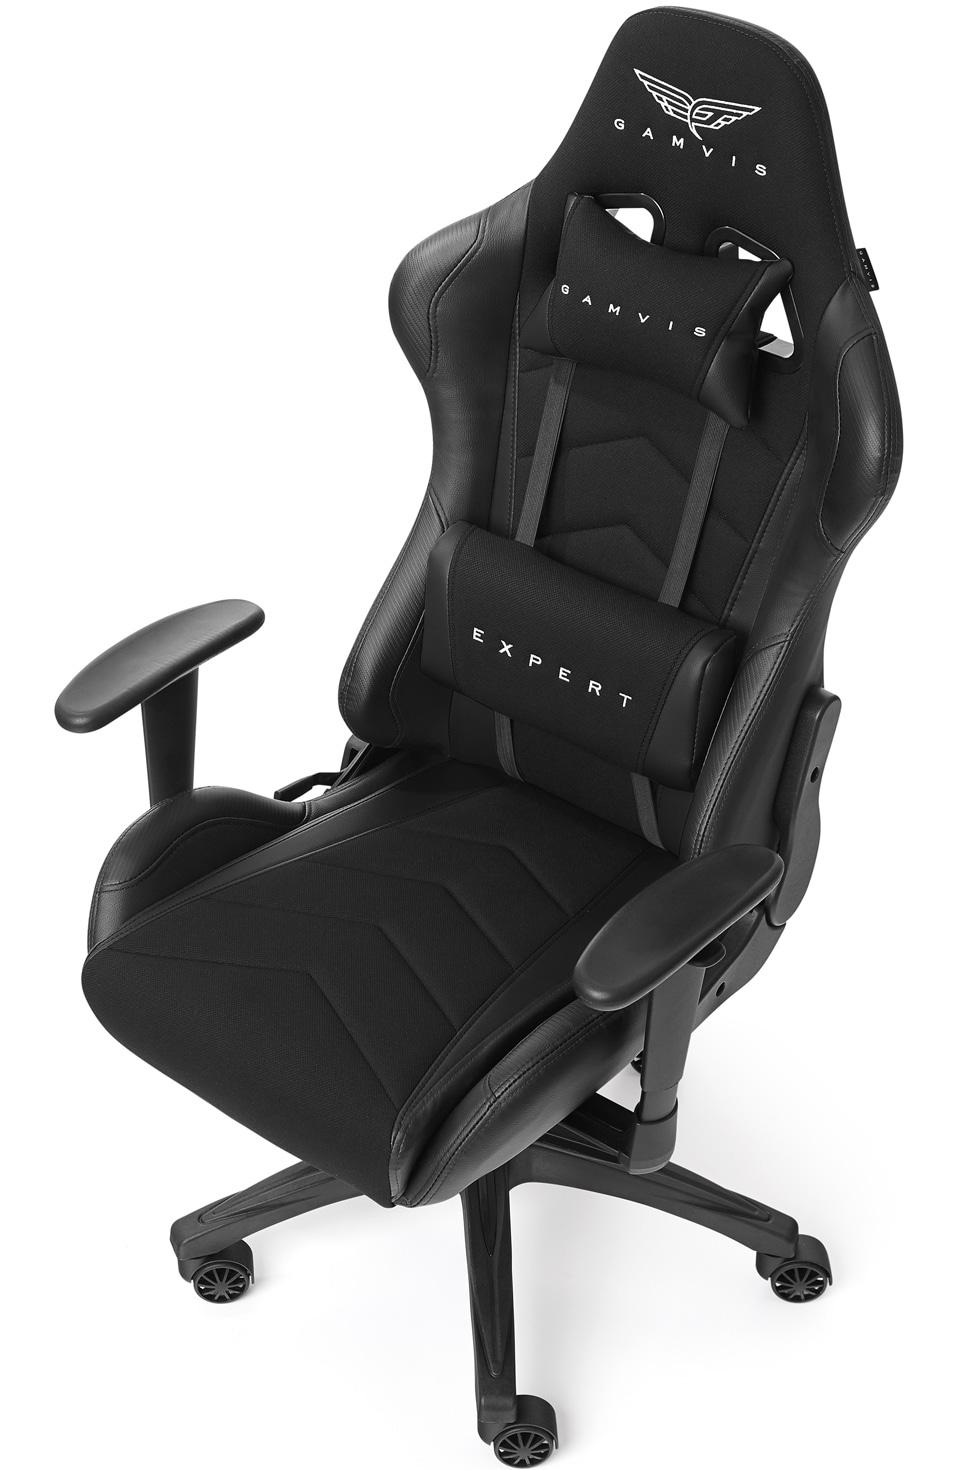 Materiałowy Fotel gamingowy Gamvis Expert Czarny 11-min-min